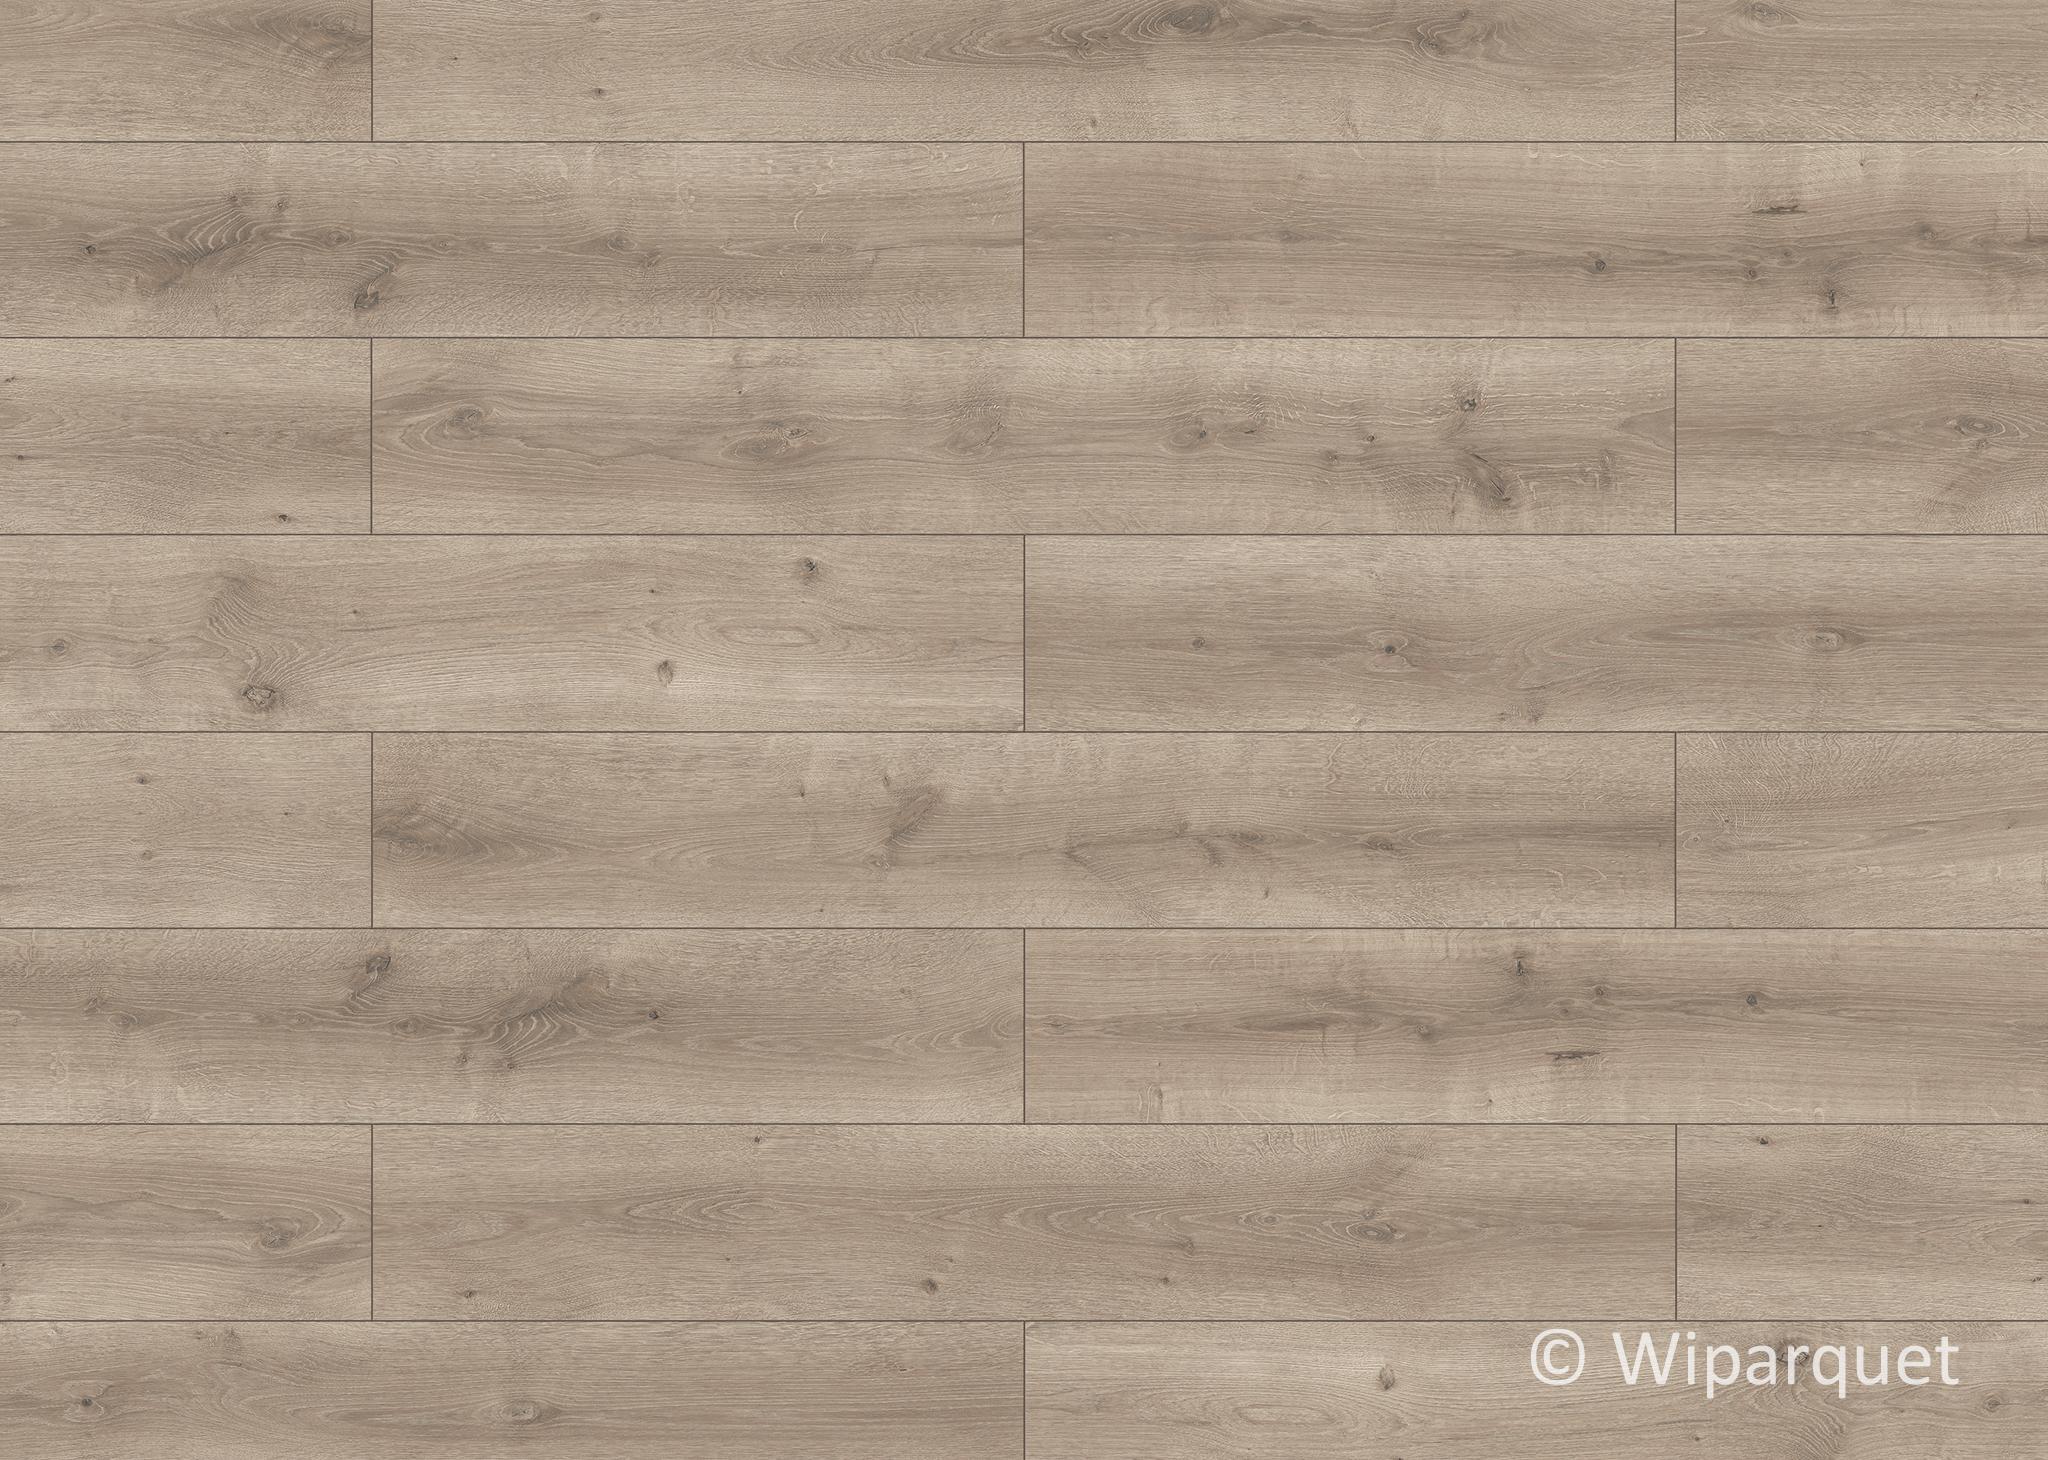 Wiparquet Eco Aqua Oak light grey brown